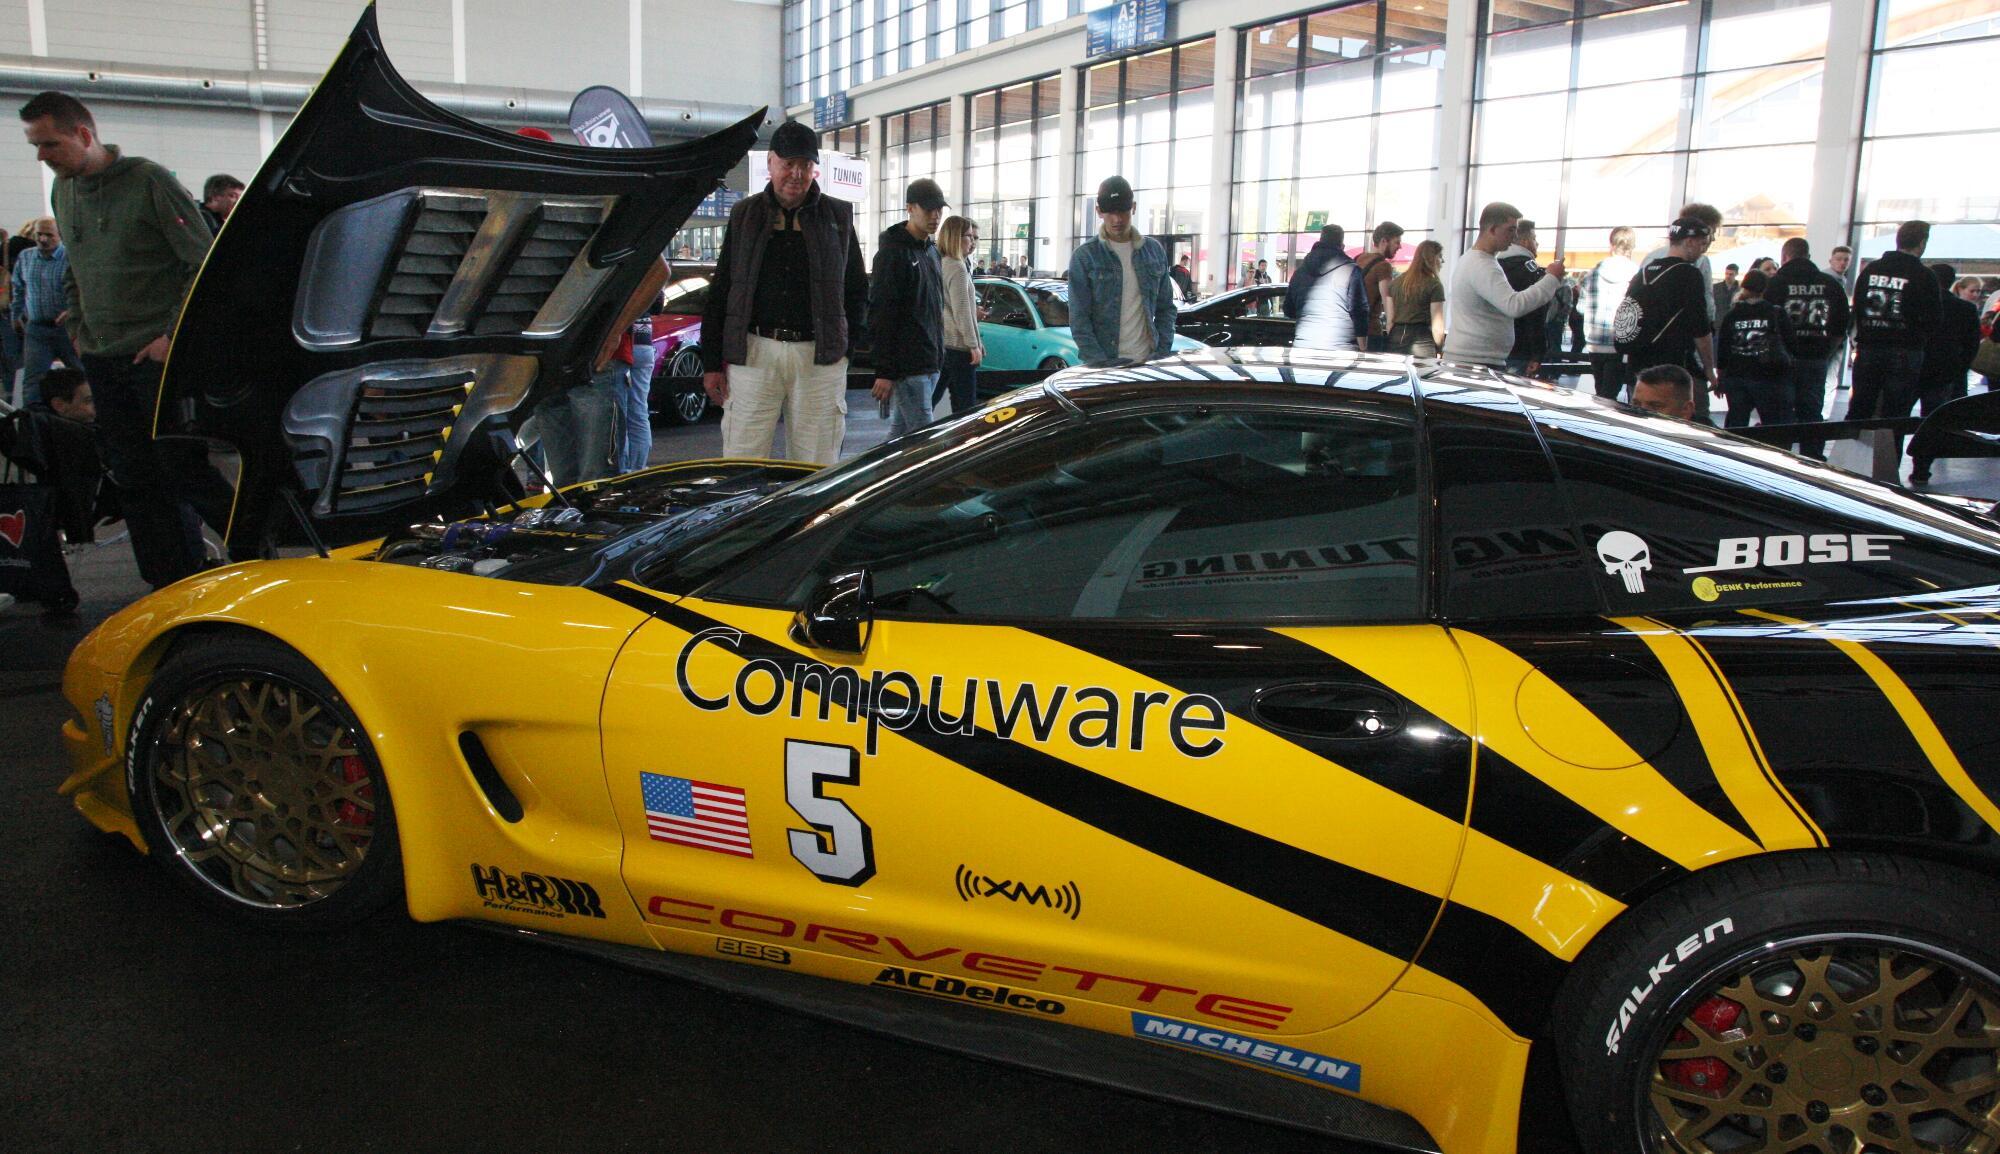 Corvette C 5